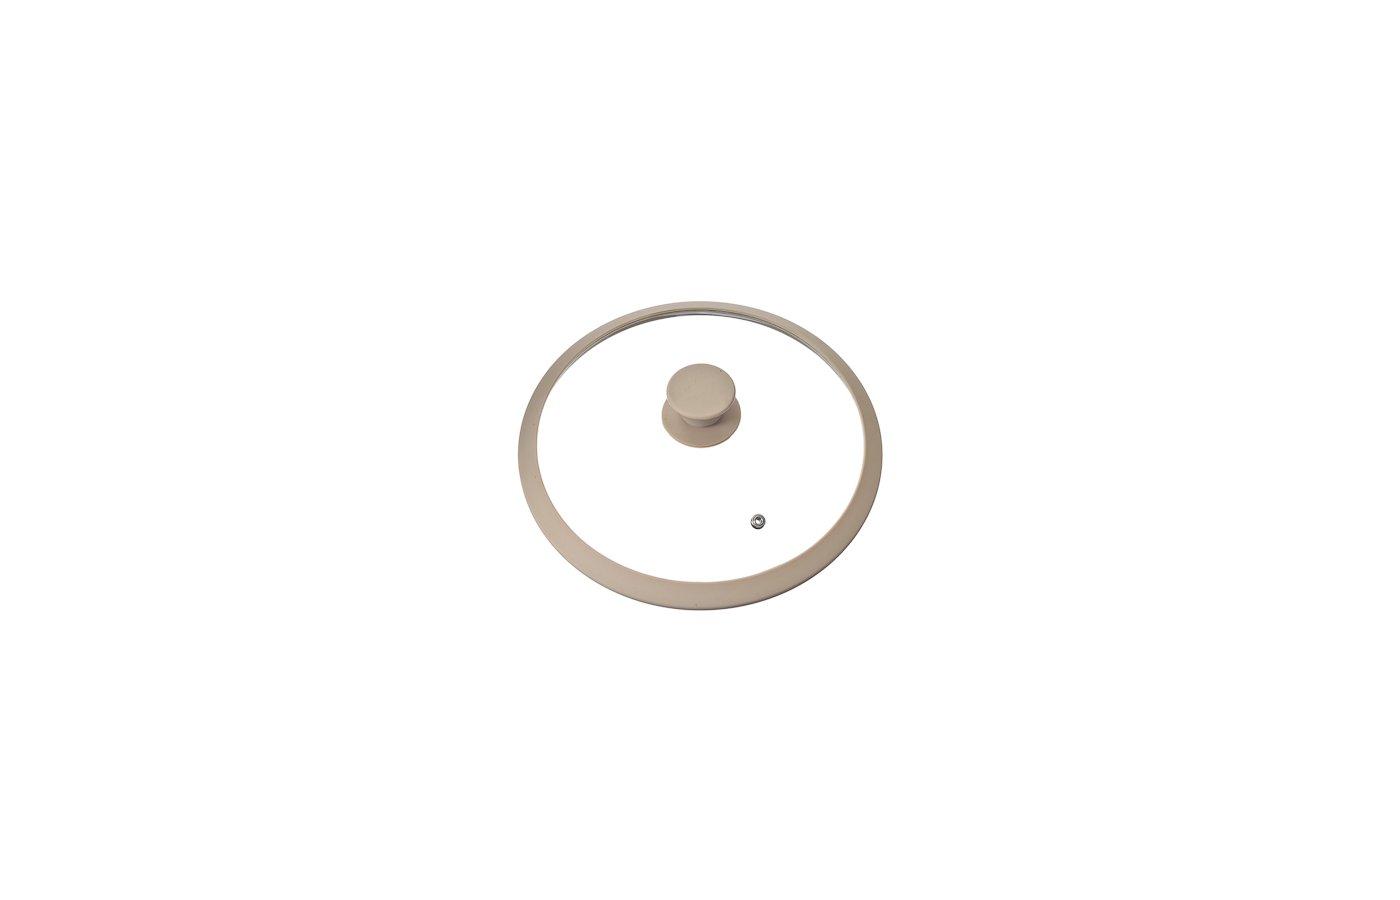 крышка до 26 см SATOSHI 848-012 Крышка стеклянная 26см с силиконовым ободом + ручка бежевый цв.